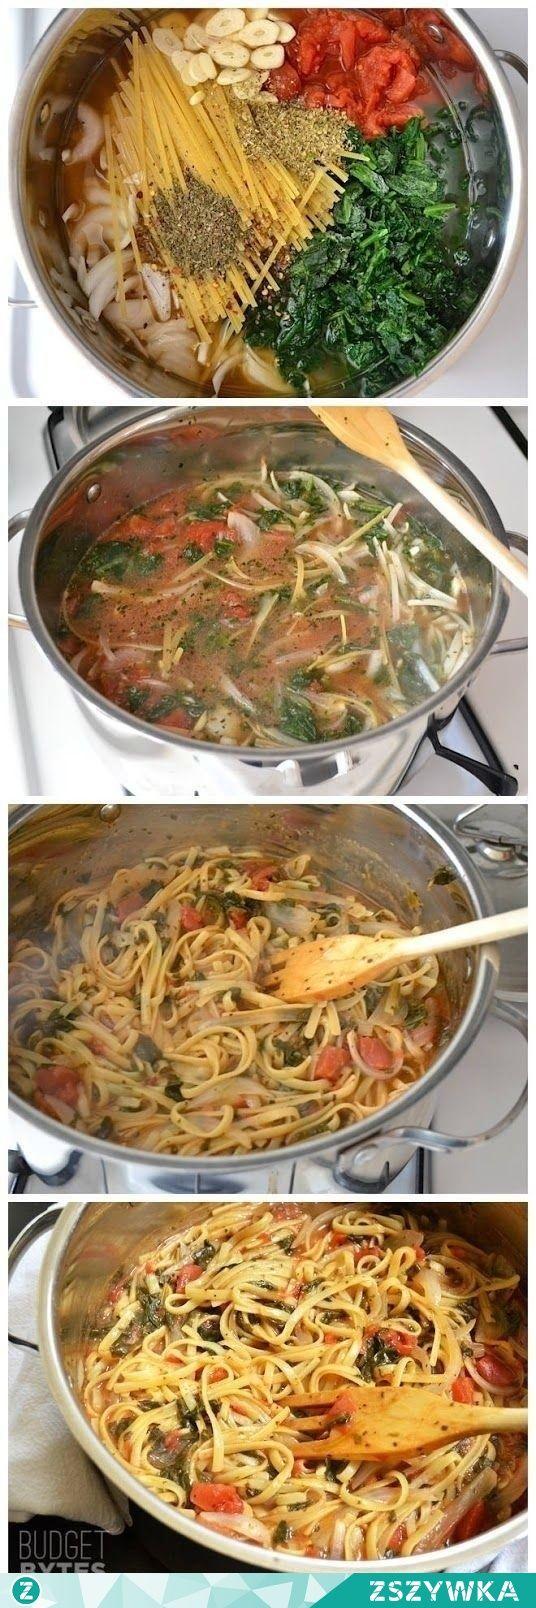 Zobacz zdjęcie Włoski kociołek błyskawiczny: 4 szklanki bulionu(250ml), 2łyżki oliwy, 35dag makaronu fettuccine (wstążki), 25dag mrożonego szpinaku, puszka pomidorów z puszki(bez skóry, krojonych), jedna średnia cebula, 4ząbki czosnku, pół łyżki suszonej bazylii, pół łyżki suszonego oregano, 1/4łyżki suszonej czerwonej papryki, świeżo zmielony pieprz, 10dag sera feta. w pełnej rozdzielczości